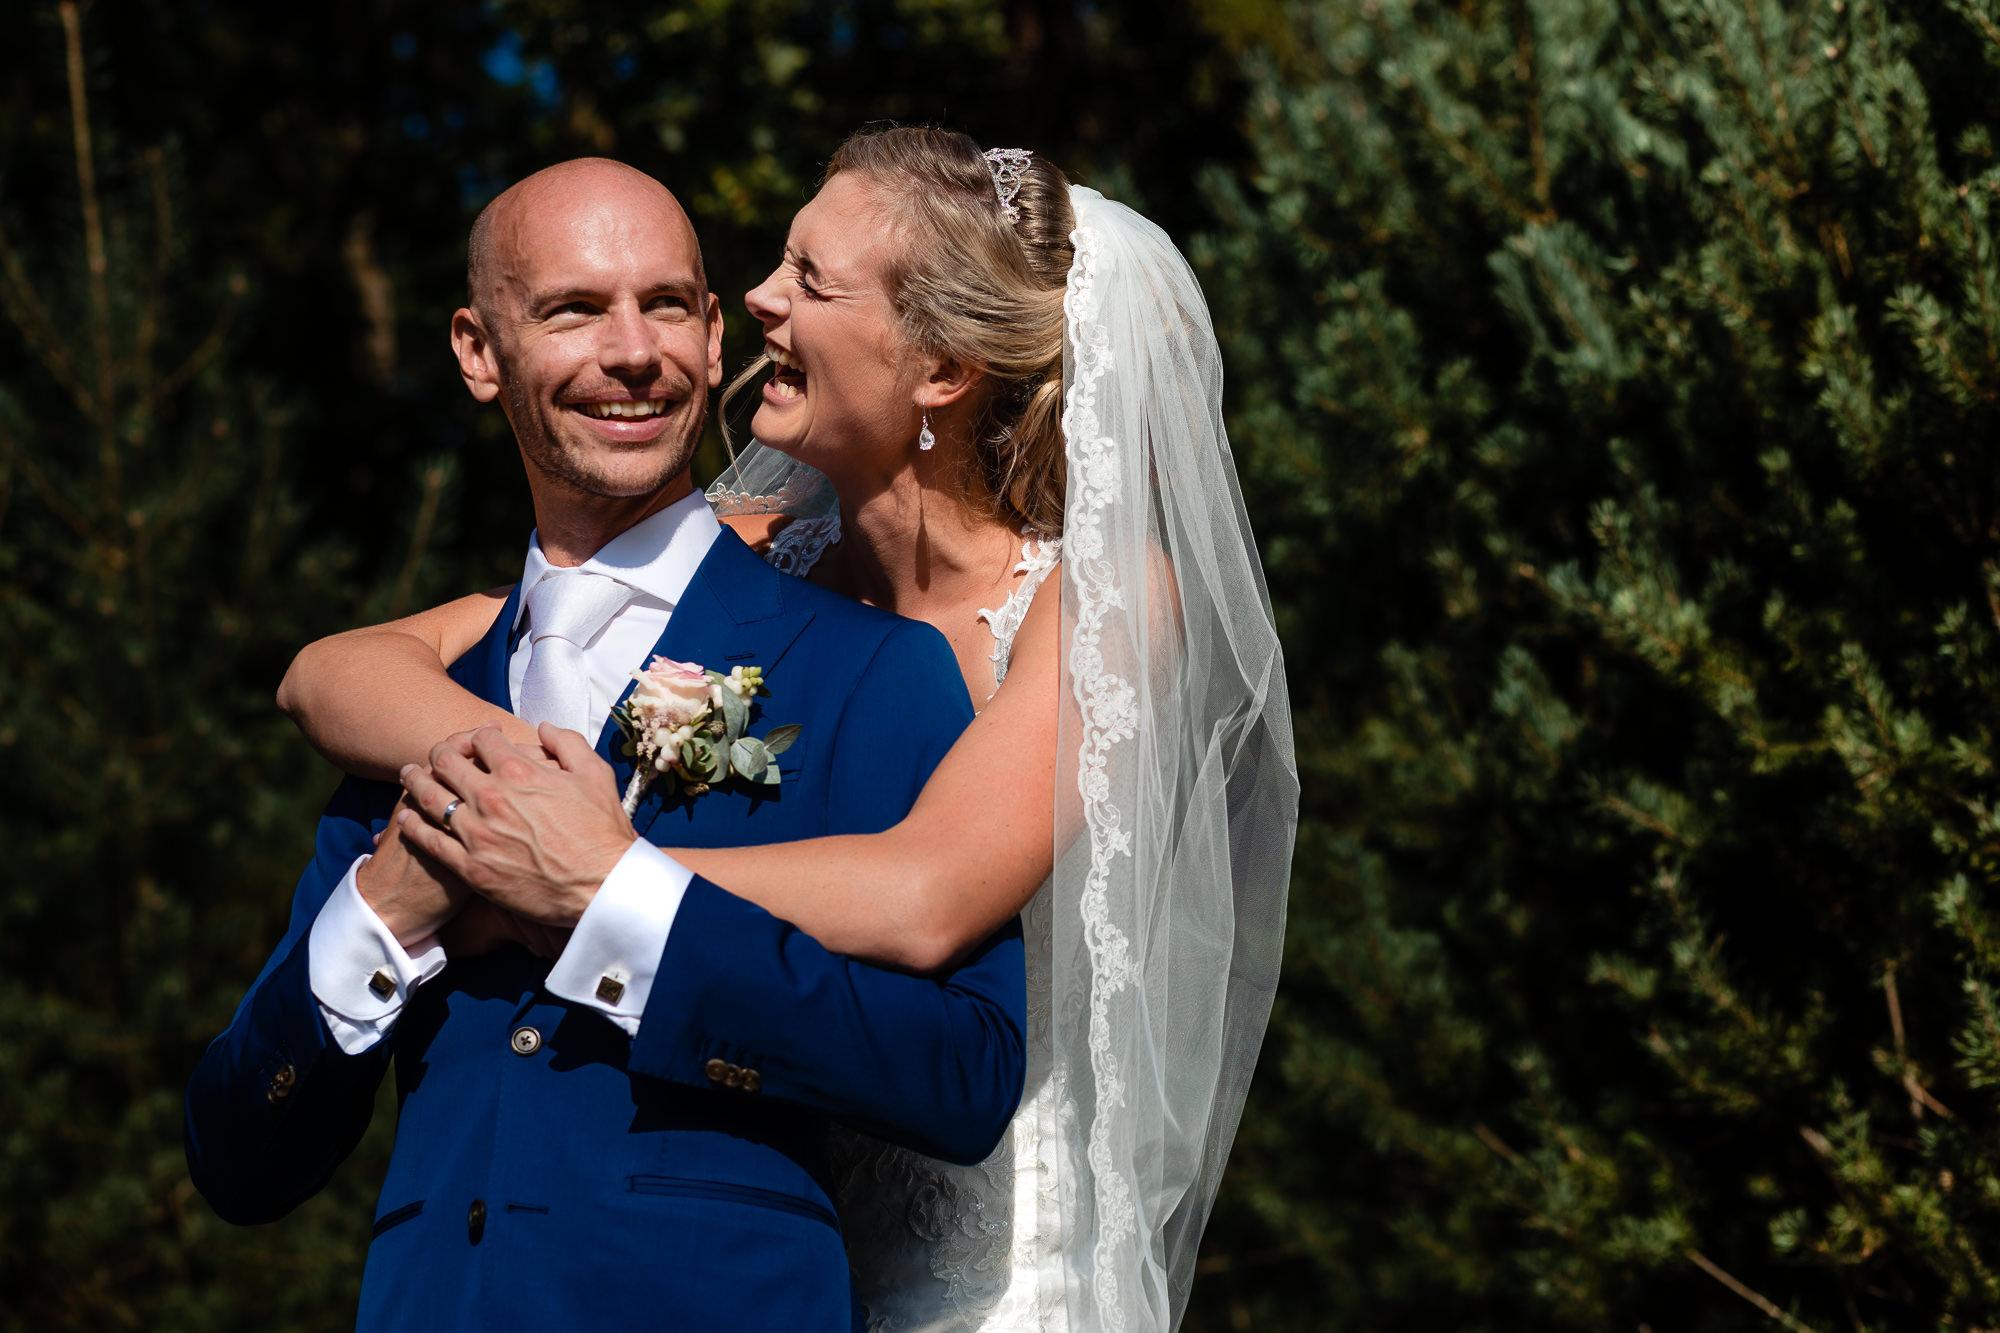 Bruidspaar lachend tijdens de fotoshoot